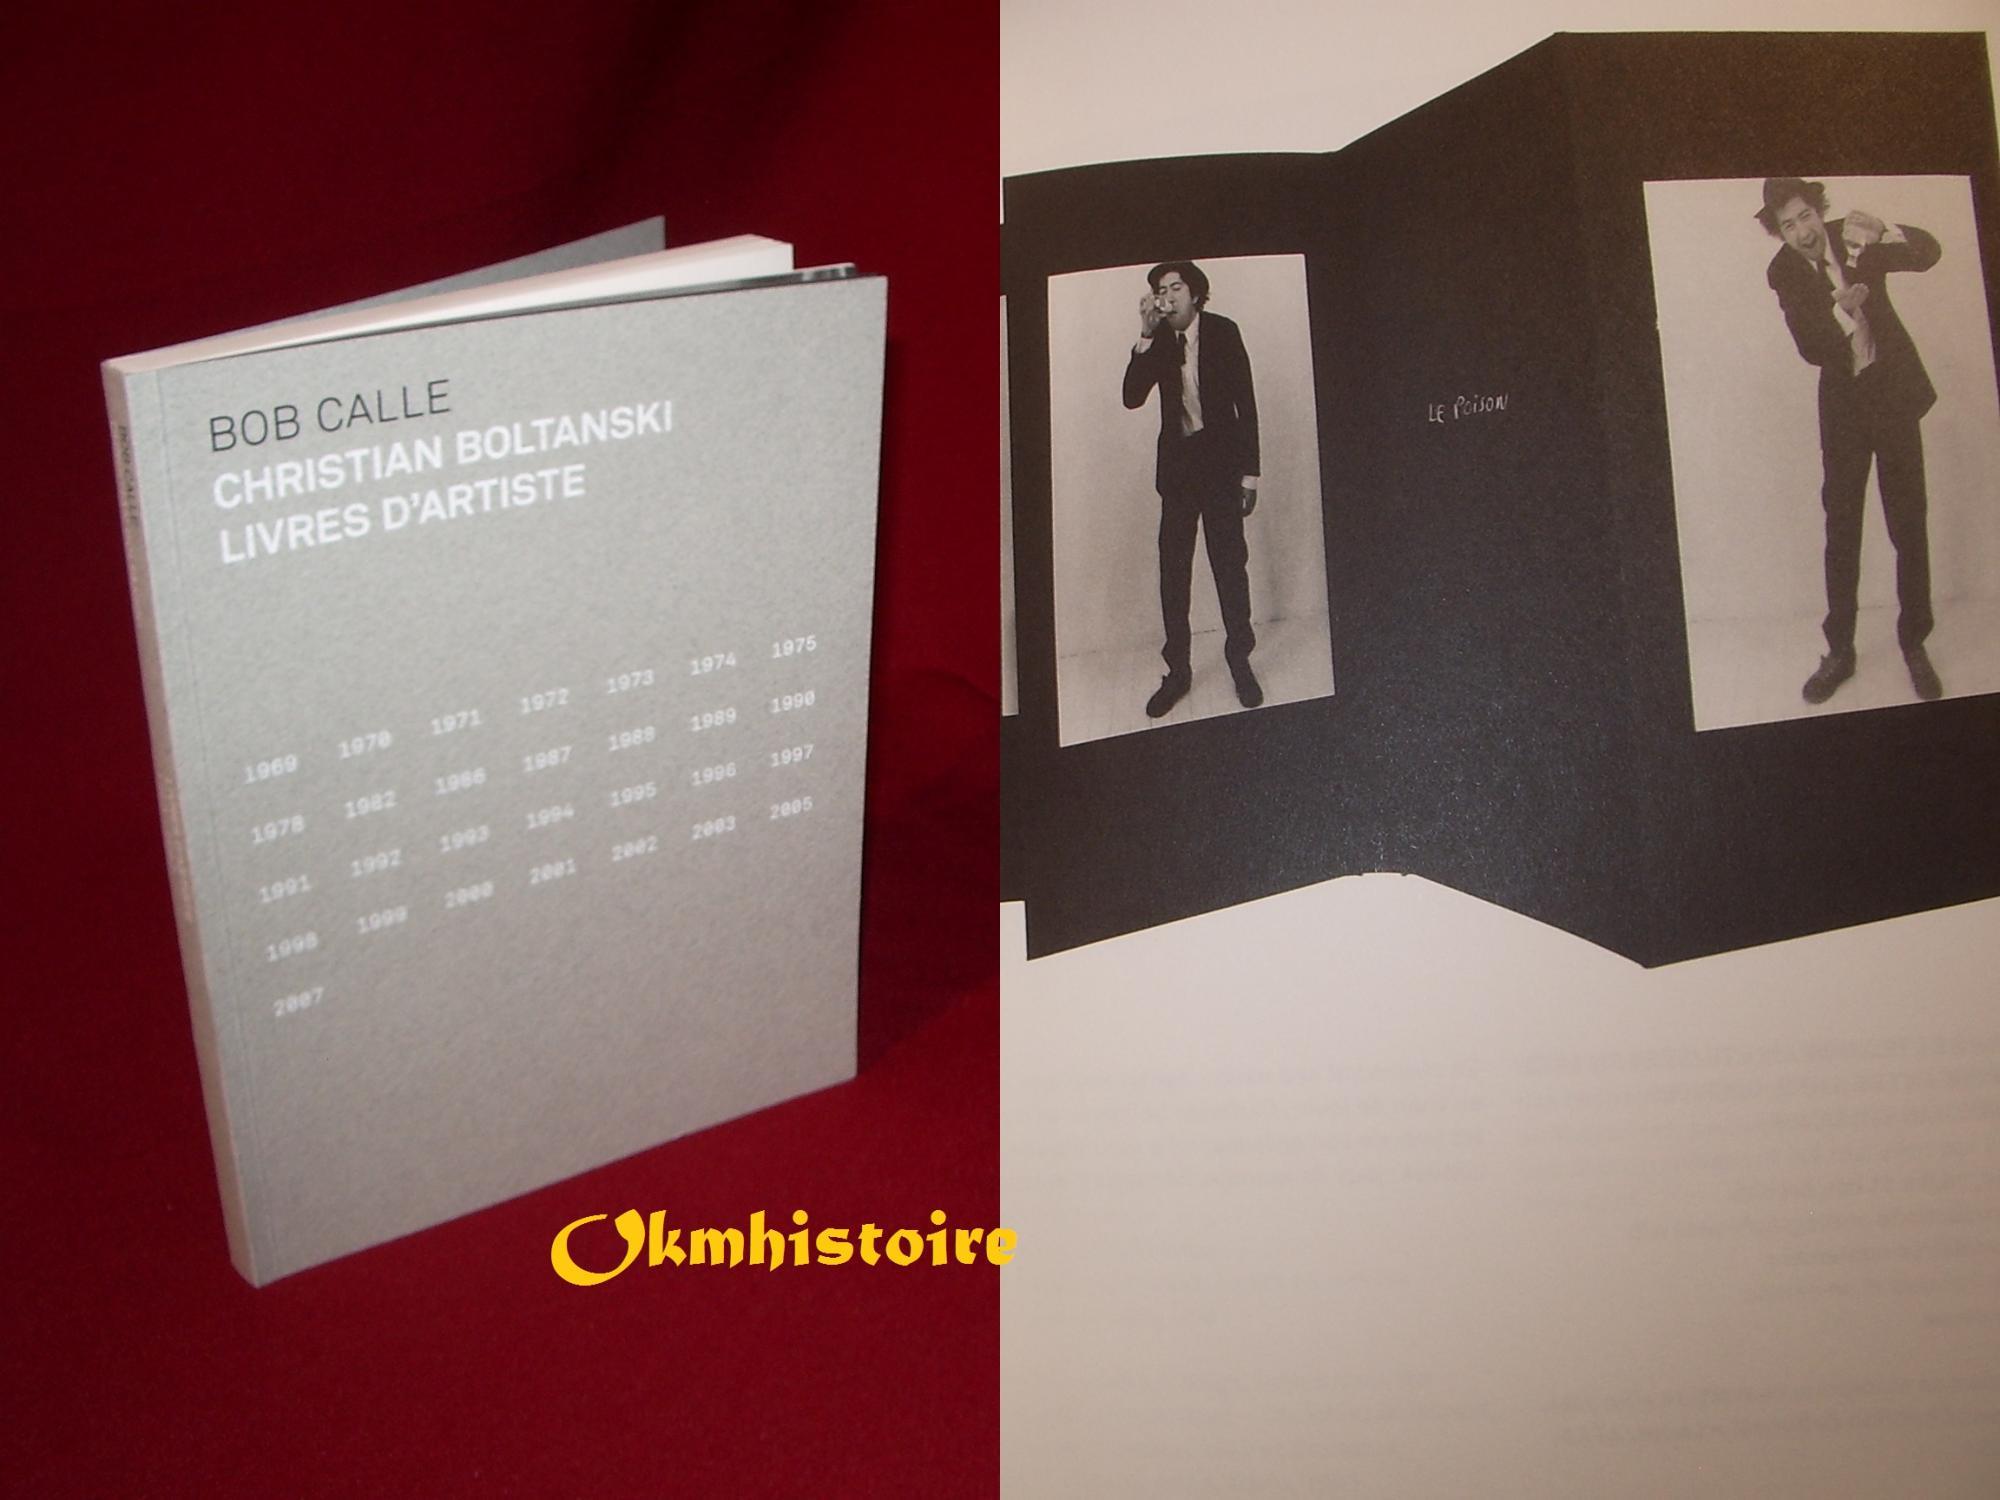 CHRISTIAN BOLTANSKI LIVRES D'ARTISTE ( 1969-2007 ). BOB CALLE ---------- [ édition en Français ]